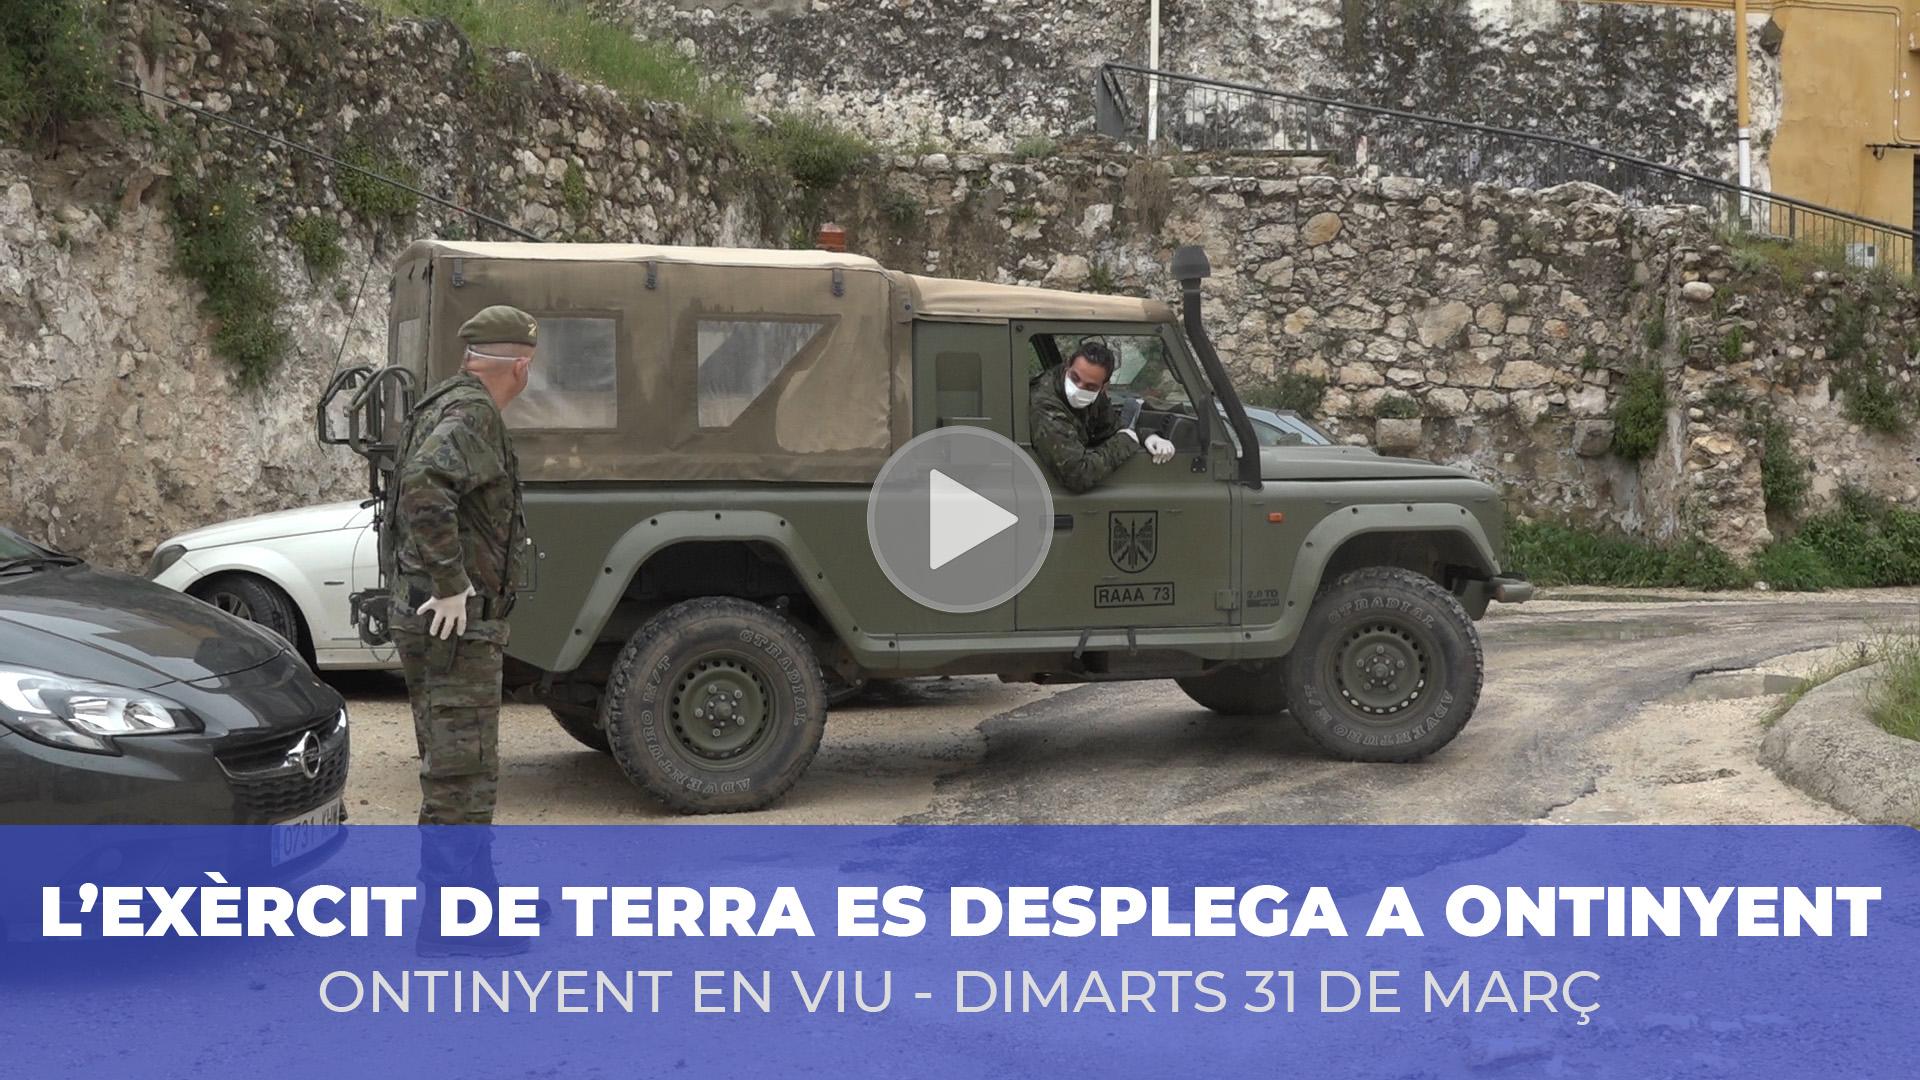 Un destacament militar reforça la seguretat a Ontinyent El Periòdic d'Ontinyent - Noticies a Ontinyent